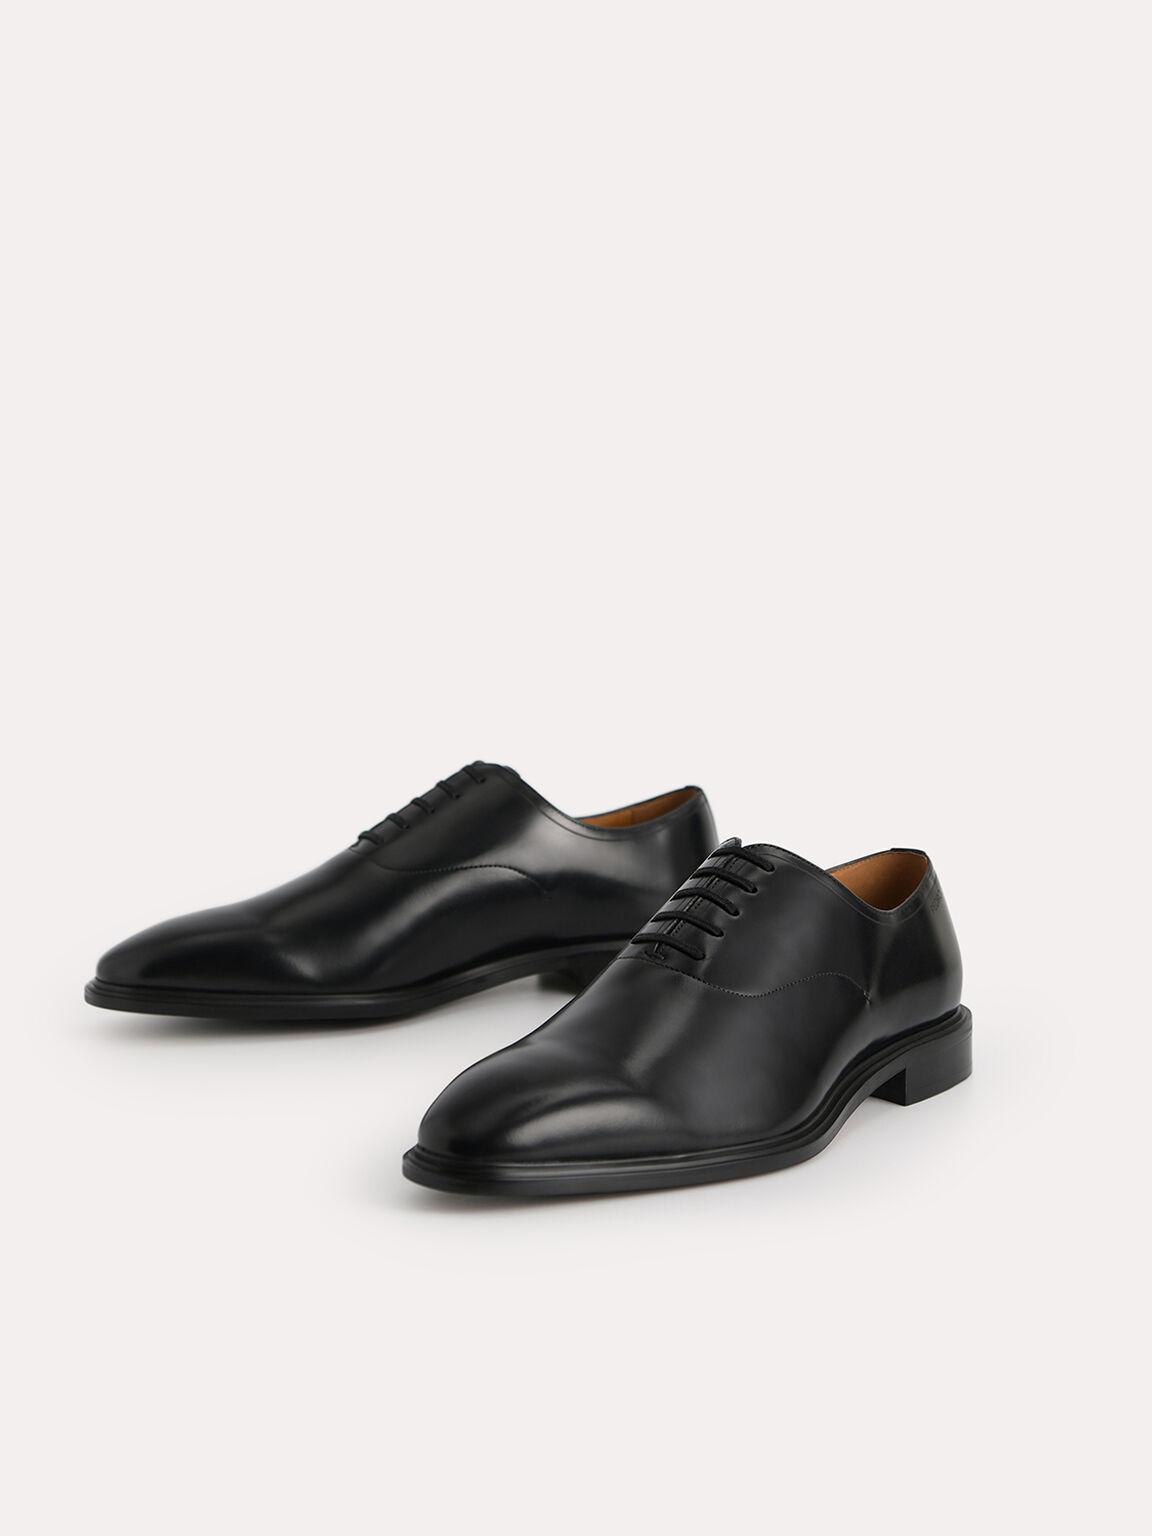 Burnished Leather Oxfords, Black, hi-res